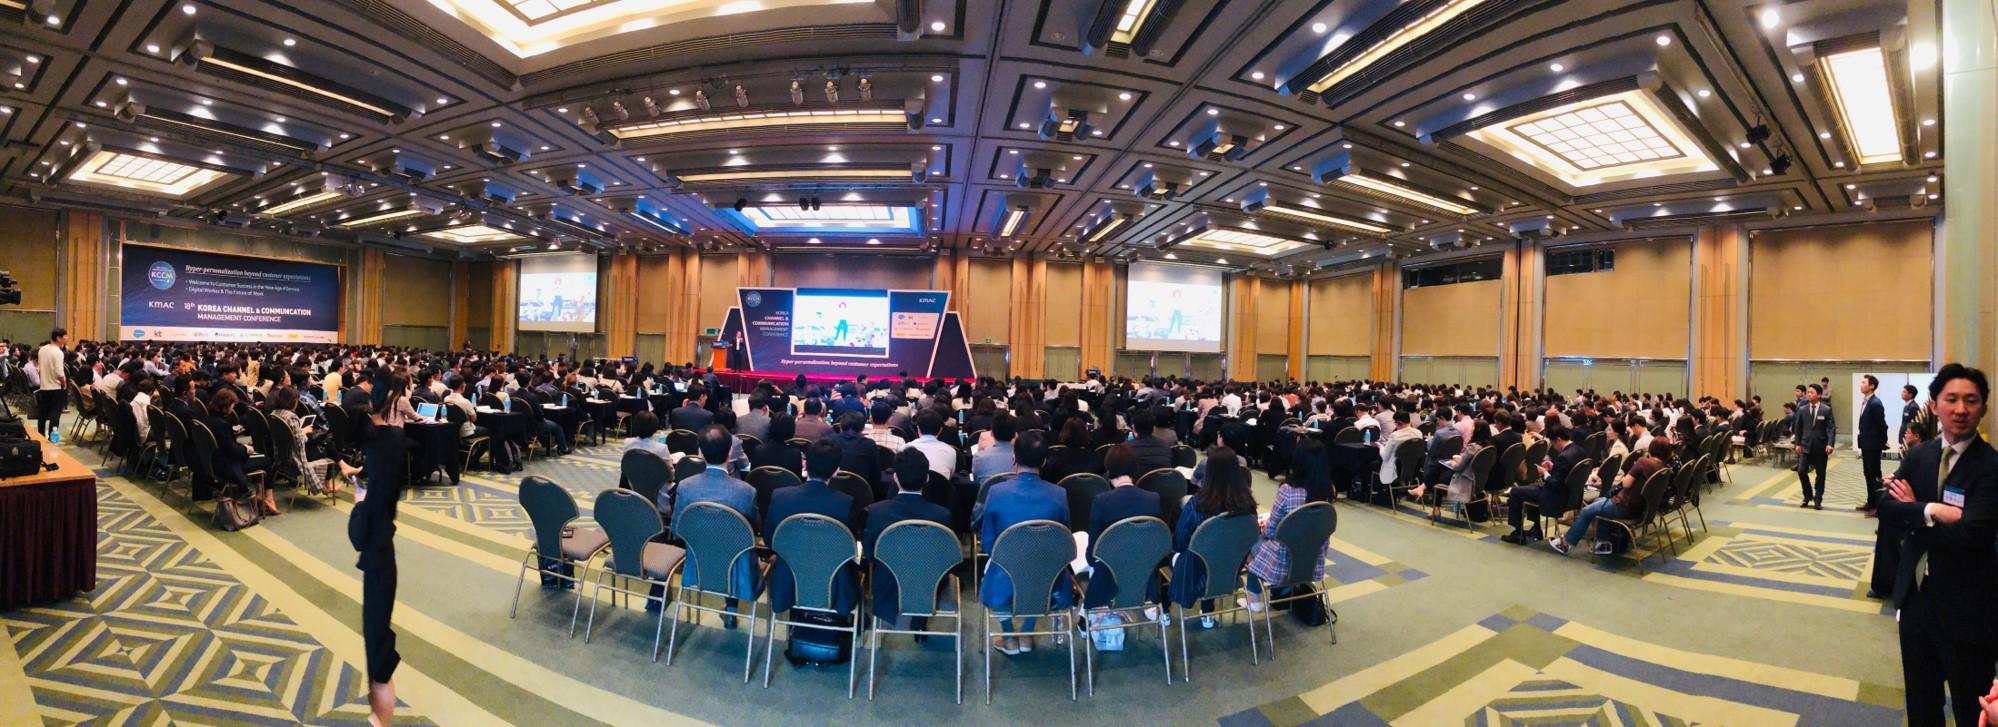 20190522-KCCMC-컨퍼런스-01